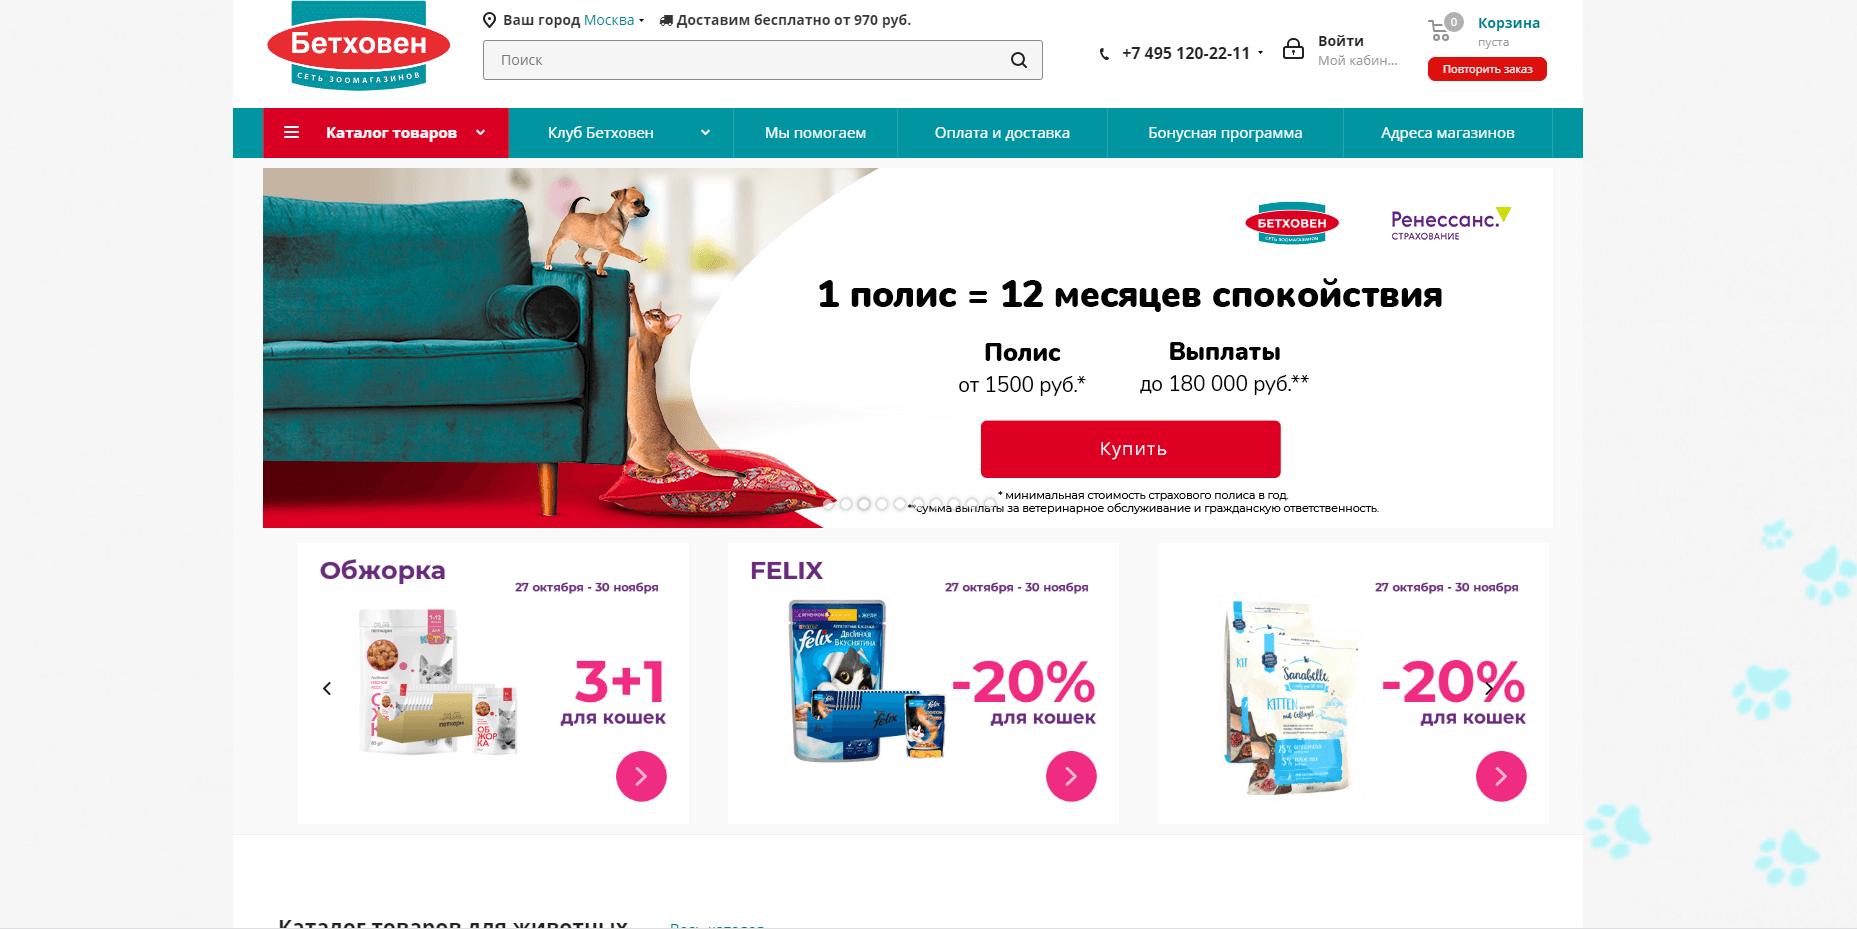 bethowen.ru website